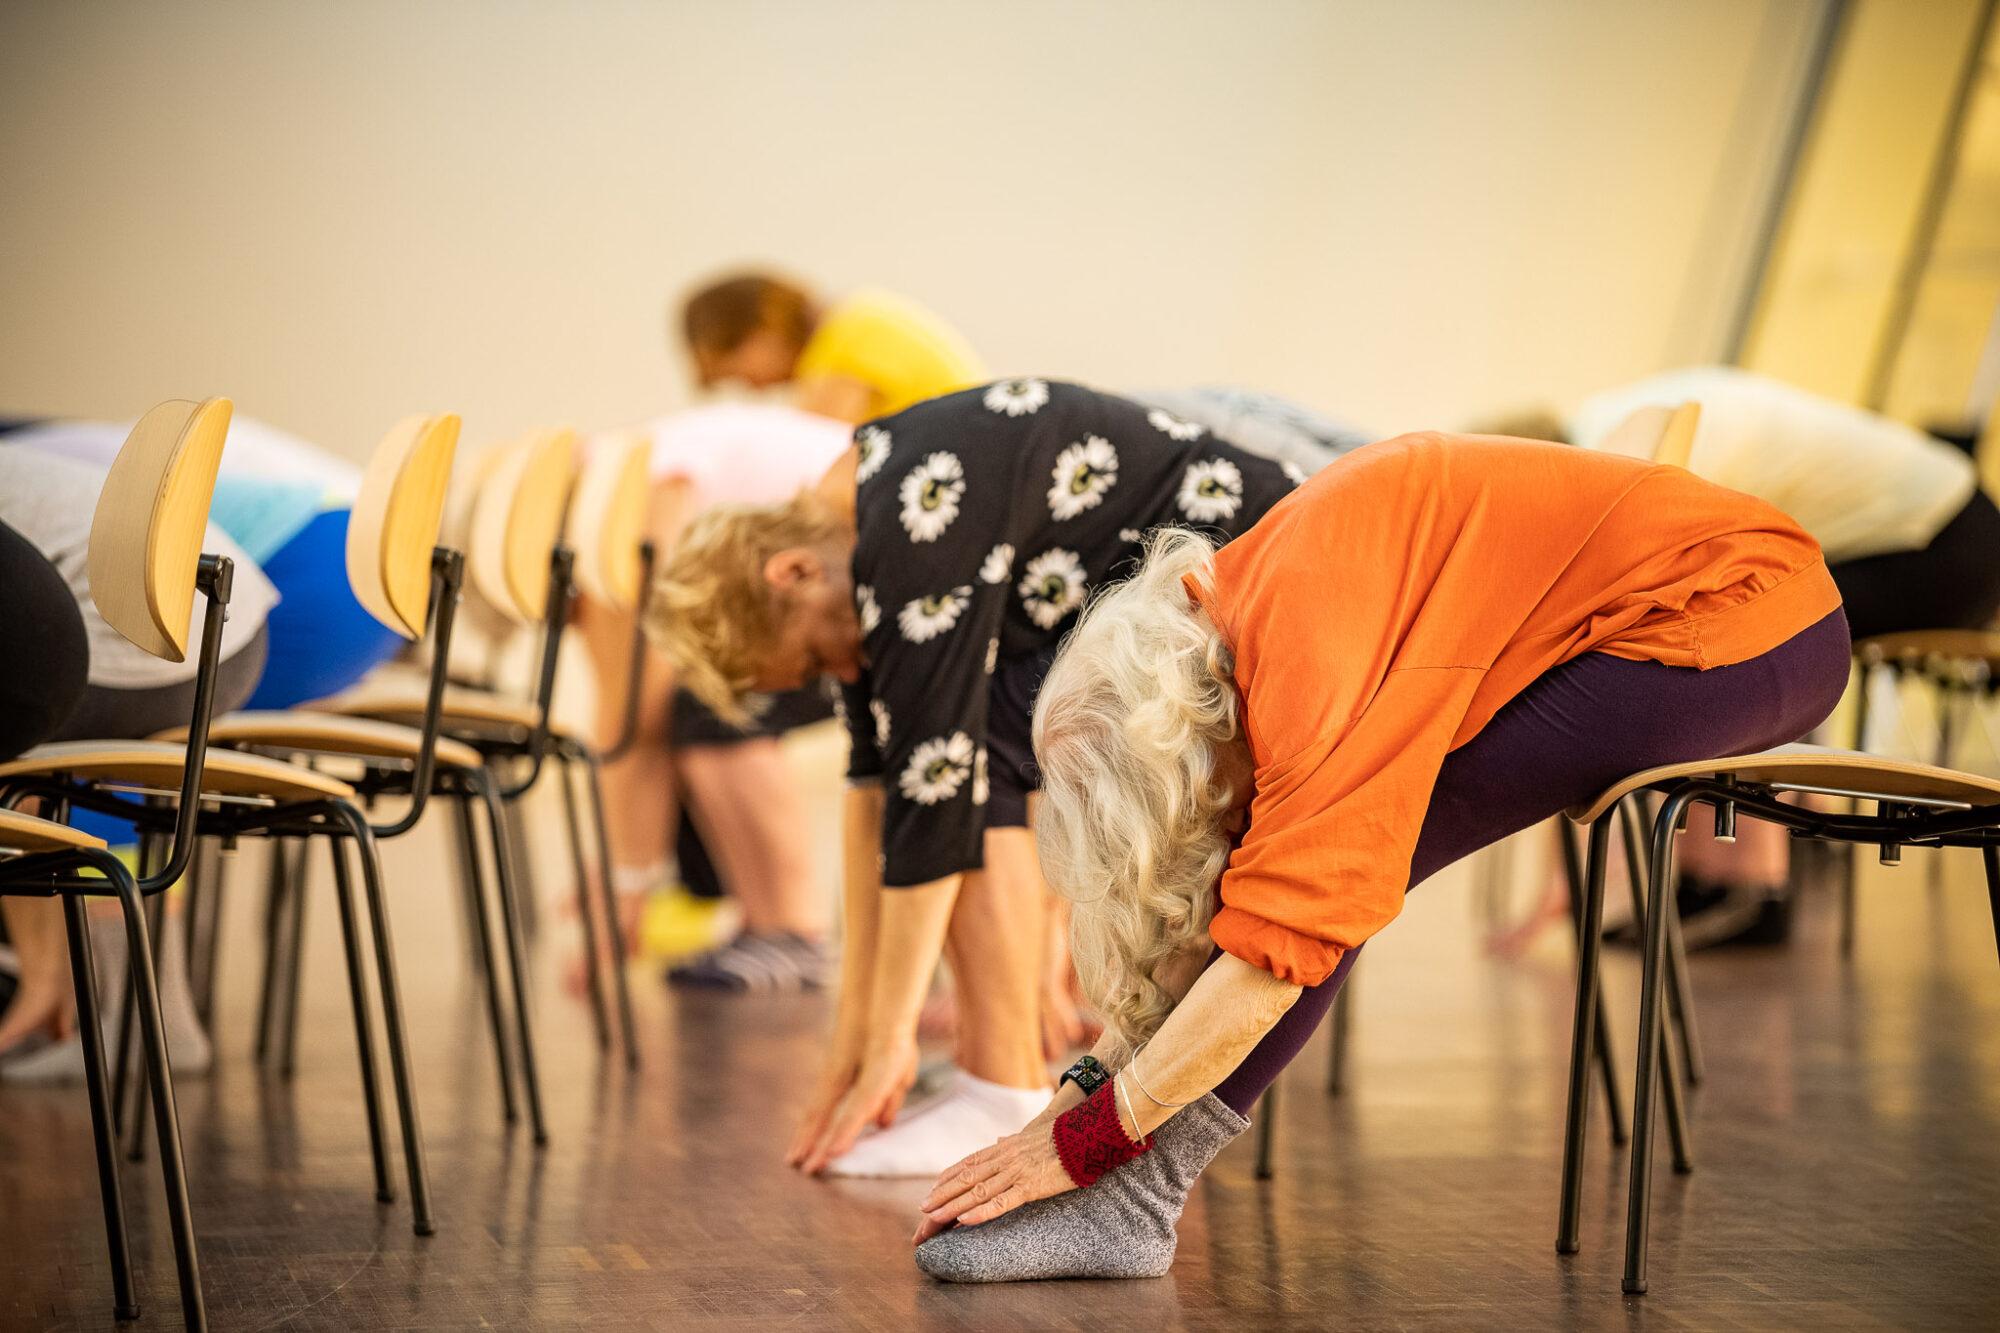 Жители старше 54 лет приглашаются присоединиться к бесплатным занятиям гимнастикой